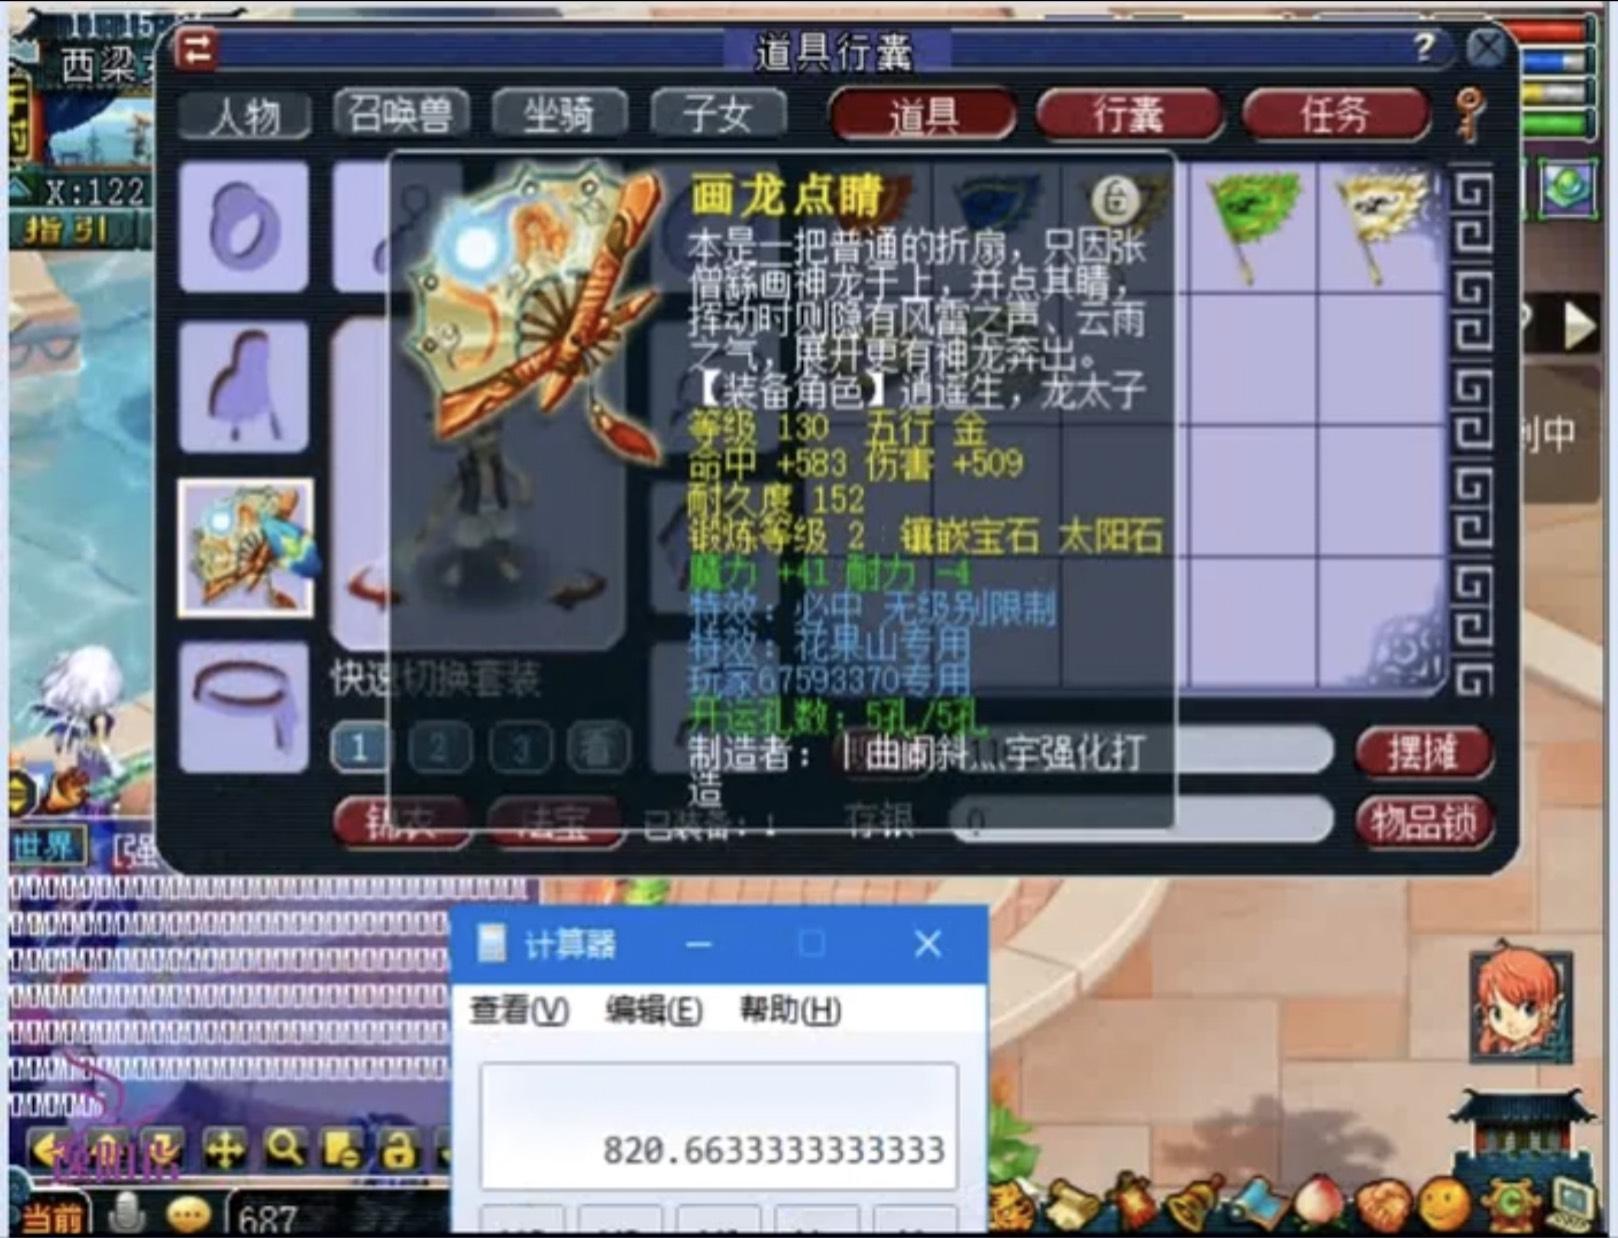 夢幻西遊: 1000塊買天青, 三把武器出無級別, 這號牛掰-圖3